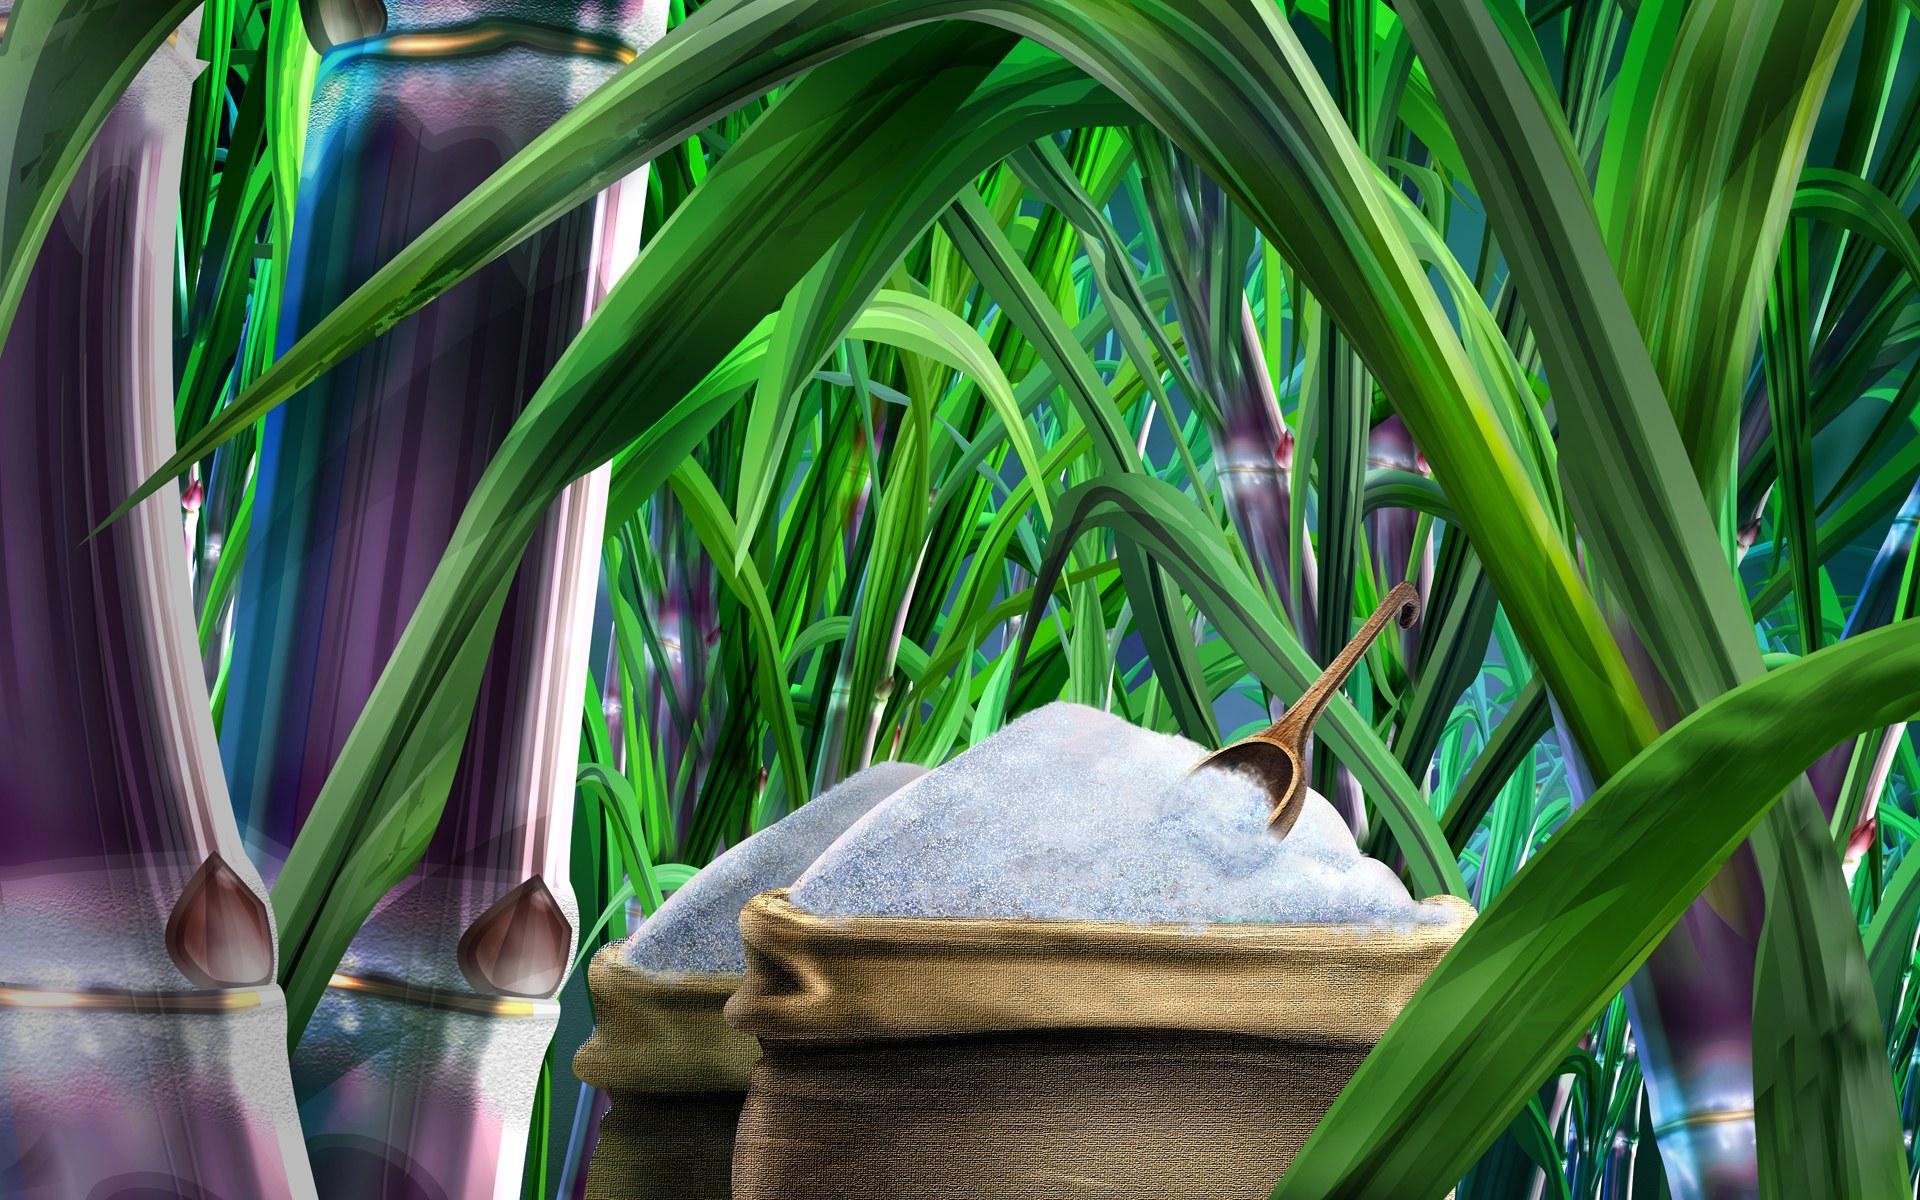 Sugar Cane   wallpaper 1920x1200